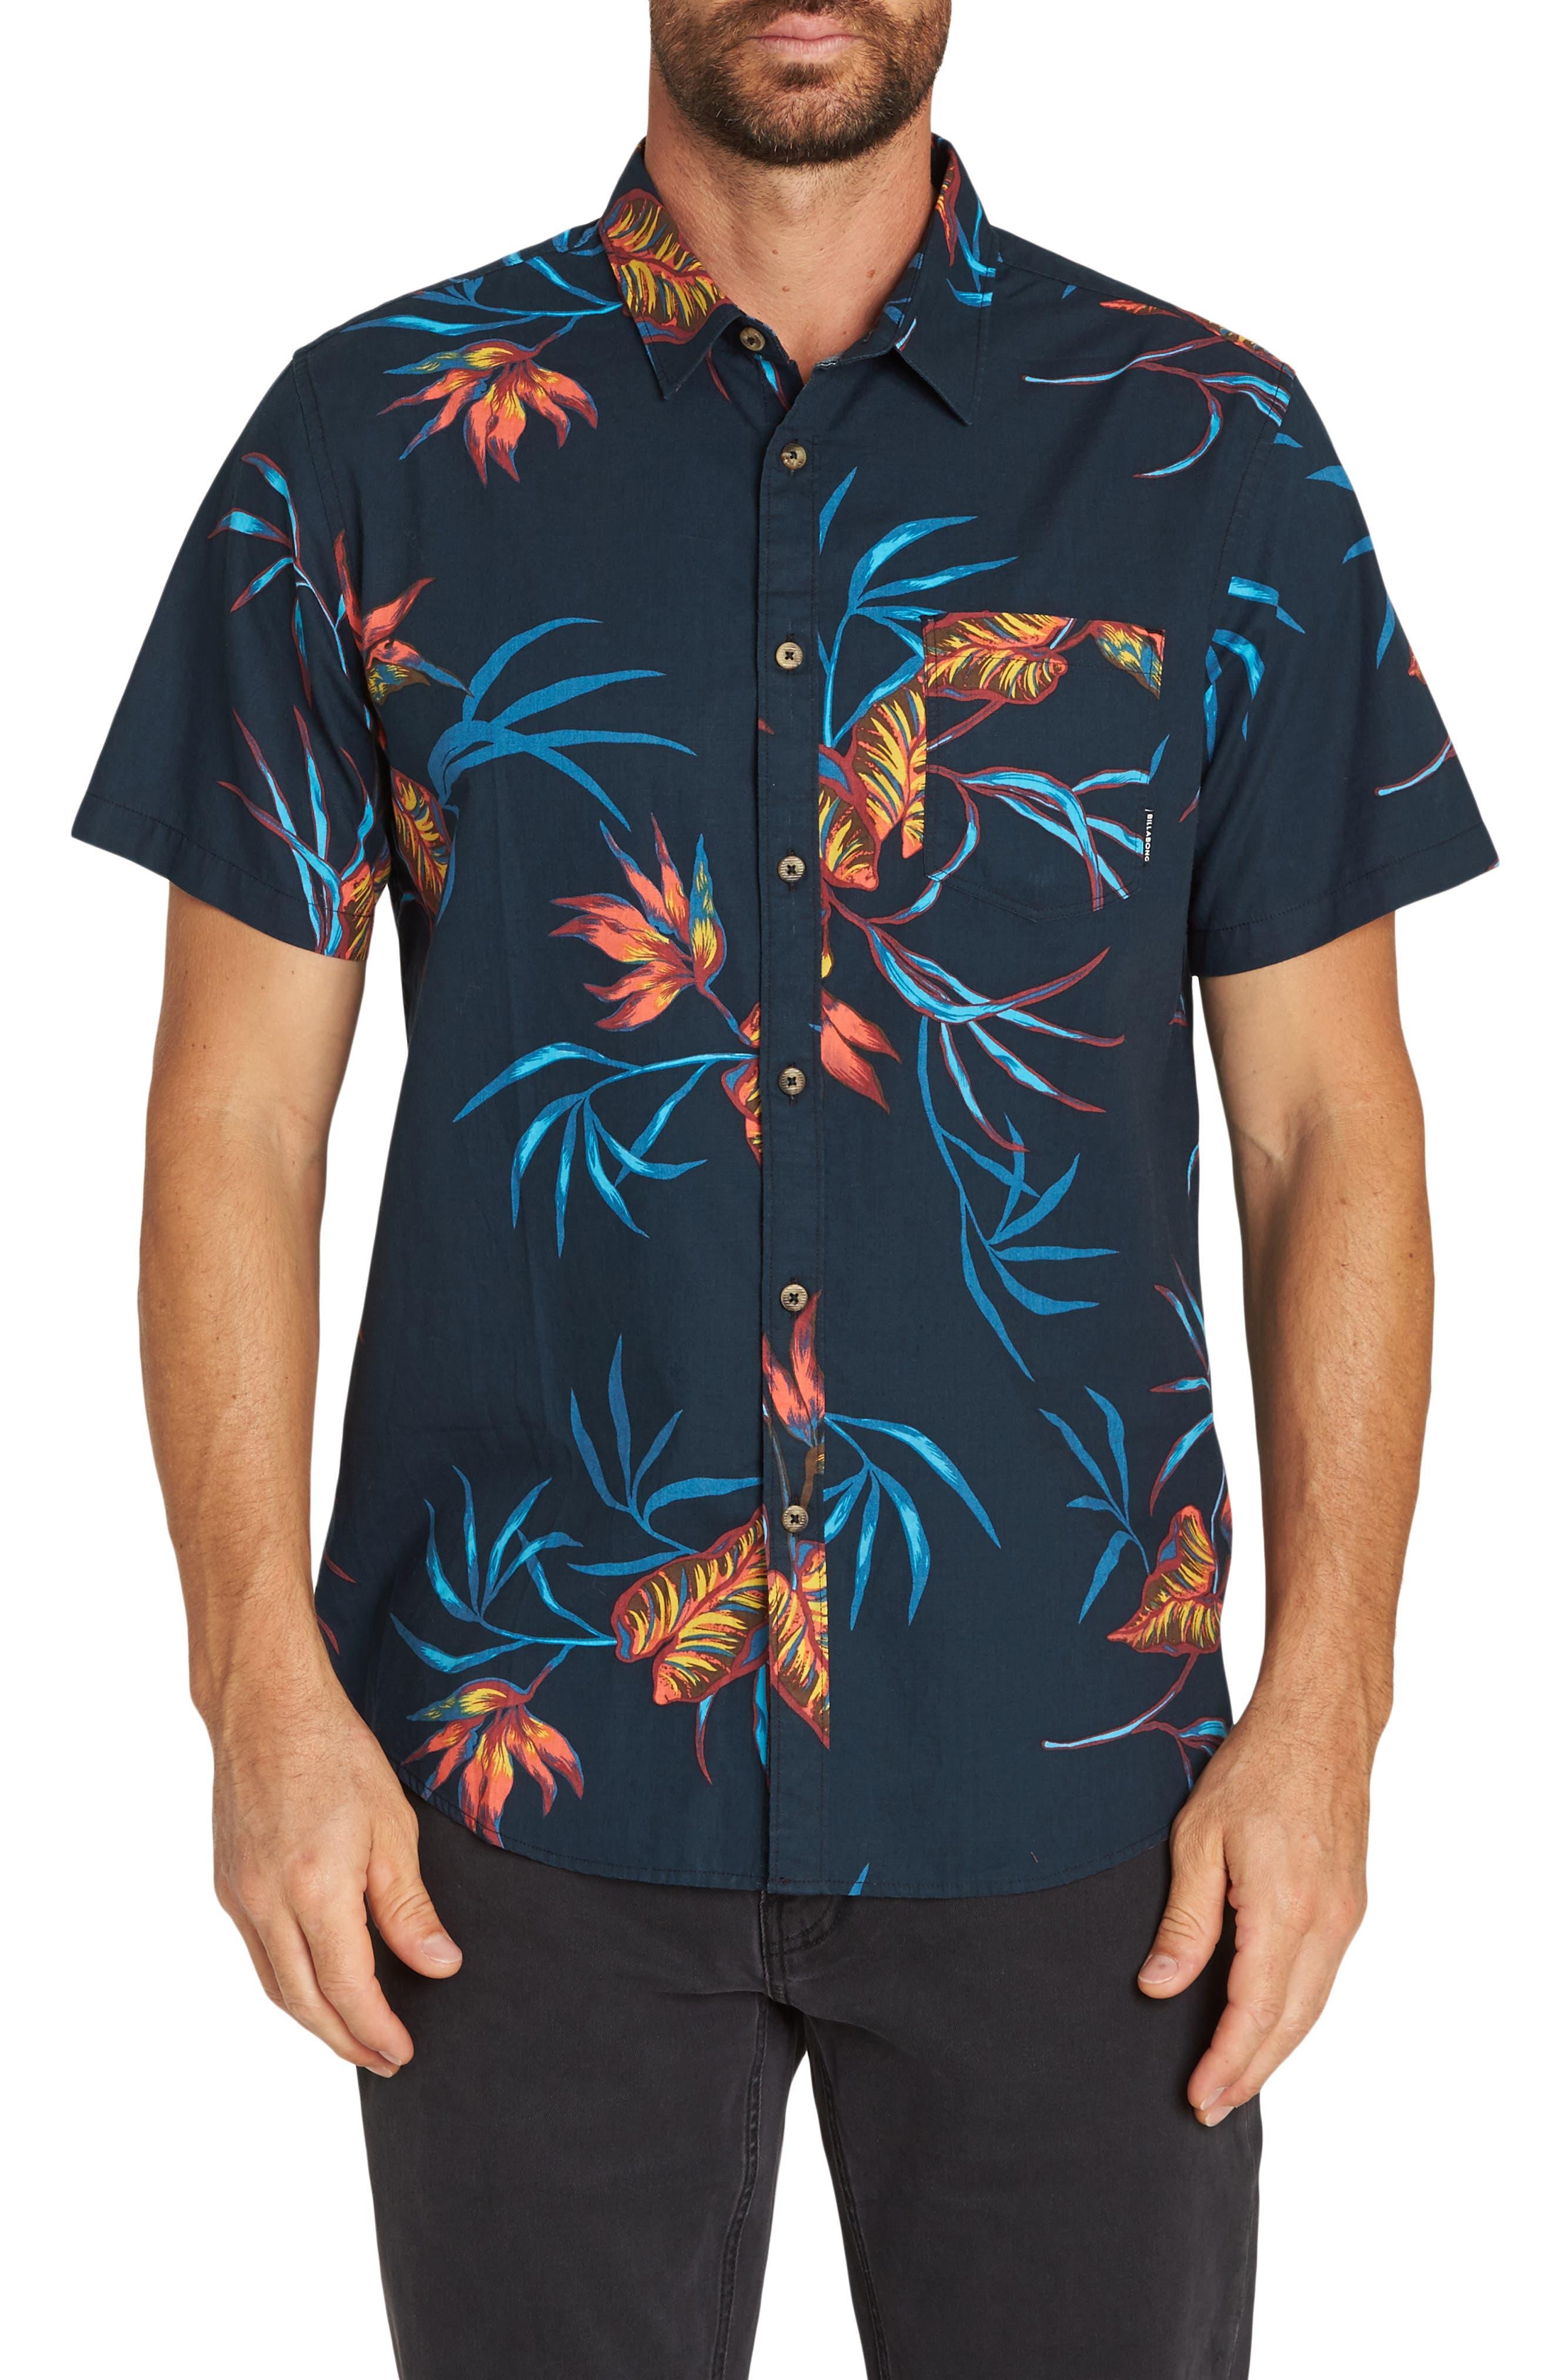 Billabong Sundays Floral Woven Shirt, Blue